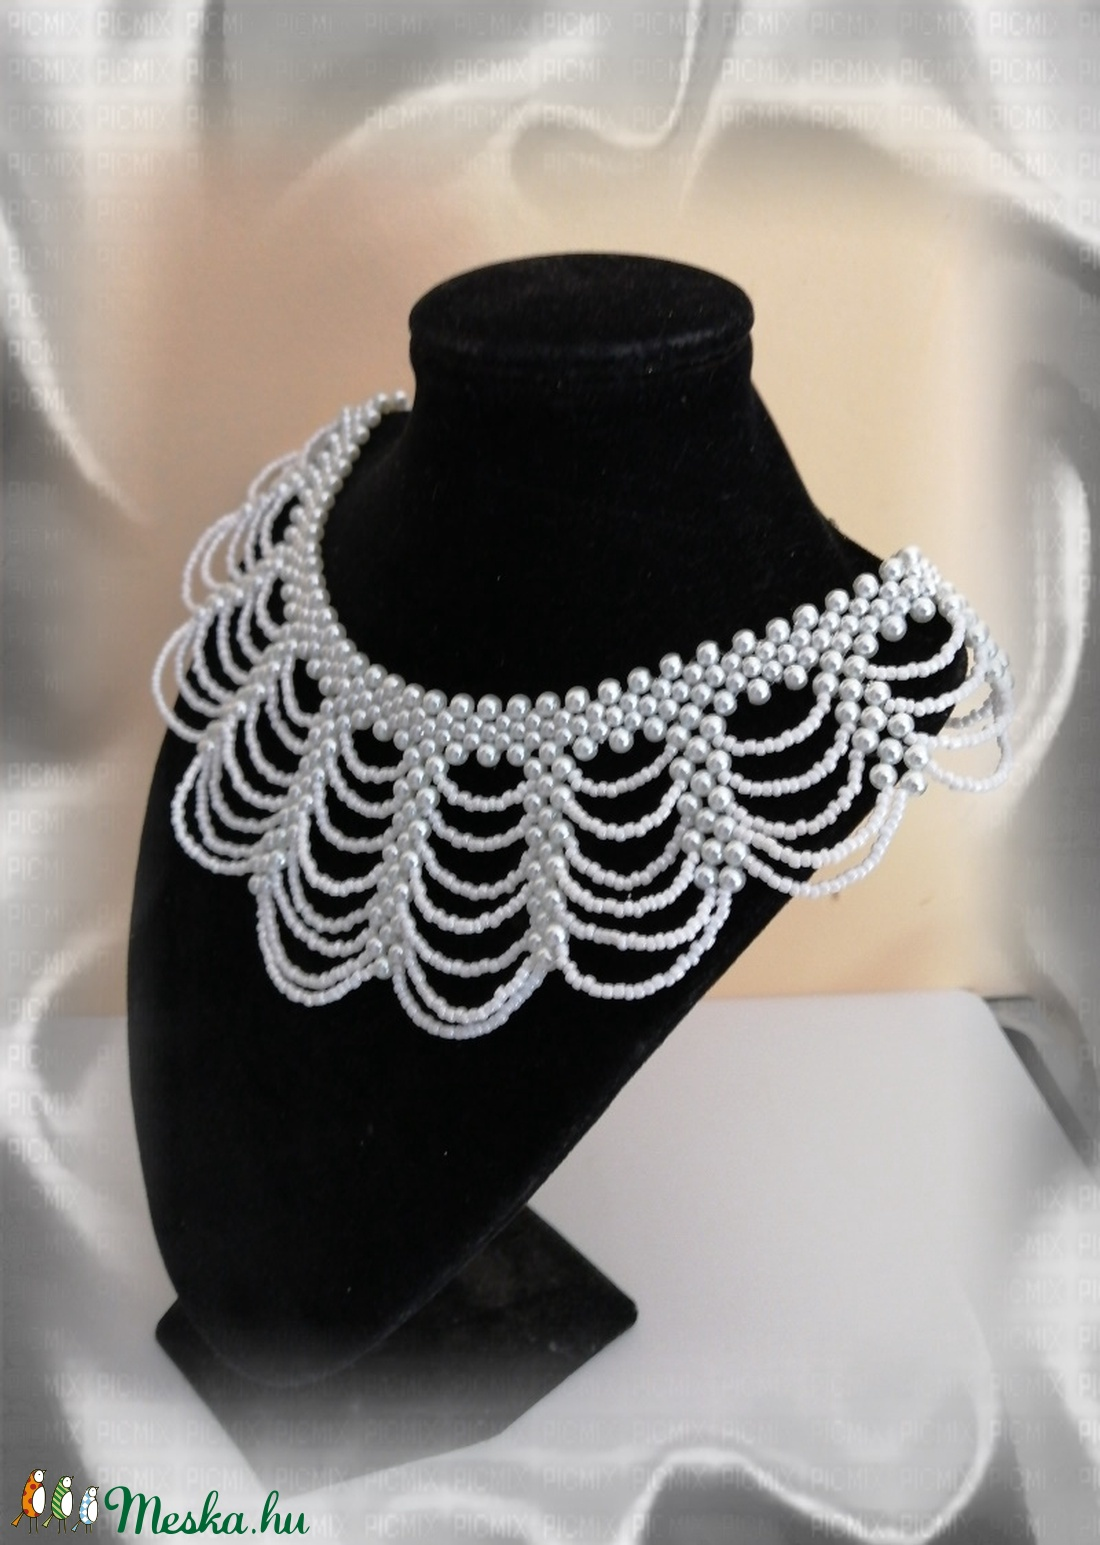 Esküvői gyöngy nyaklánc SL-GY09-1-40 - esküvő - ékszer - nyaklánc - Meska.hu